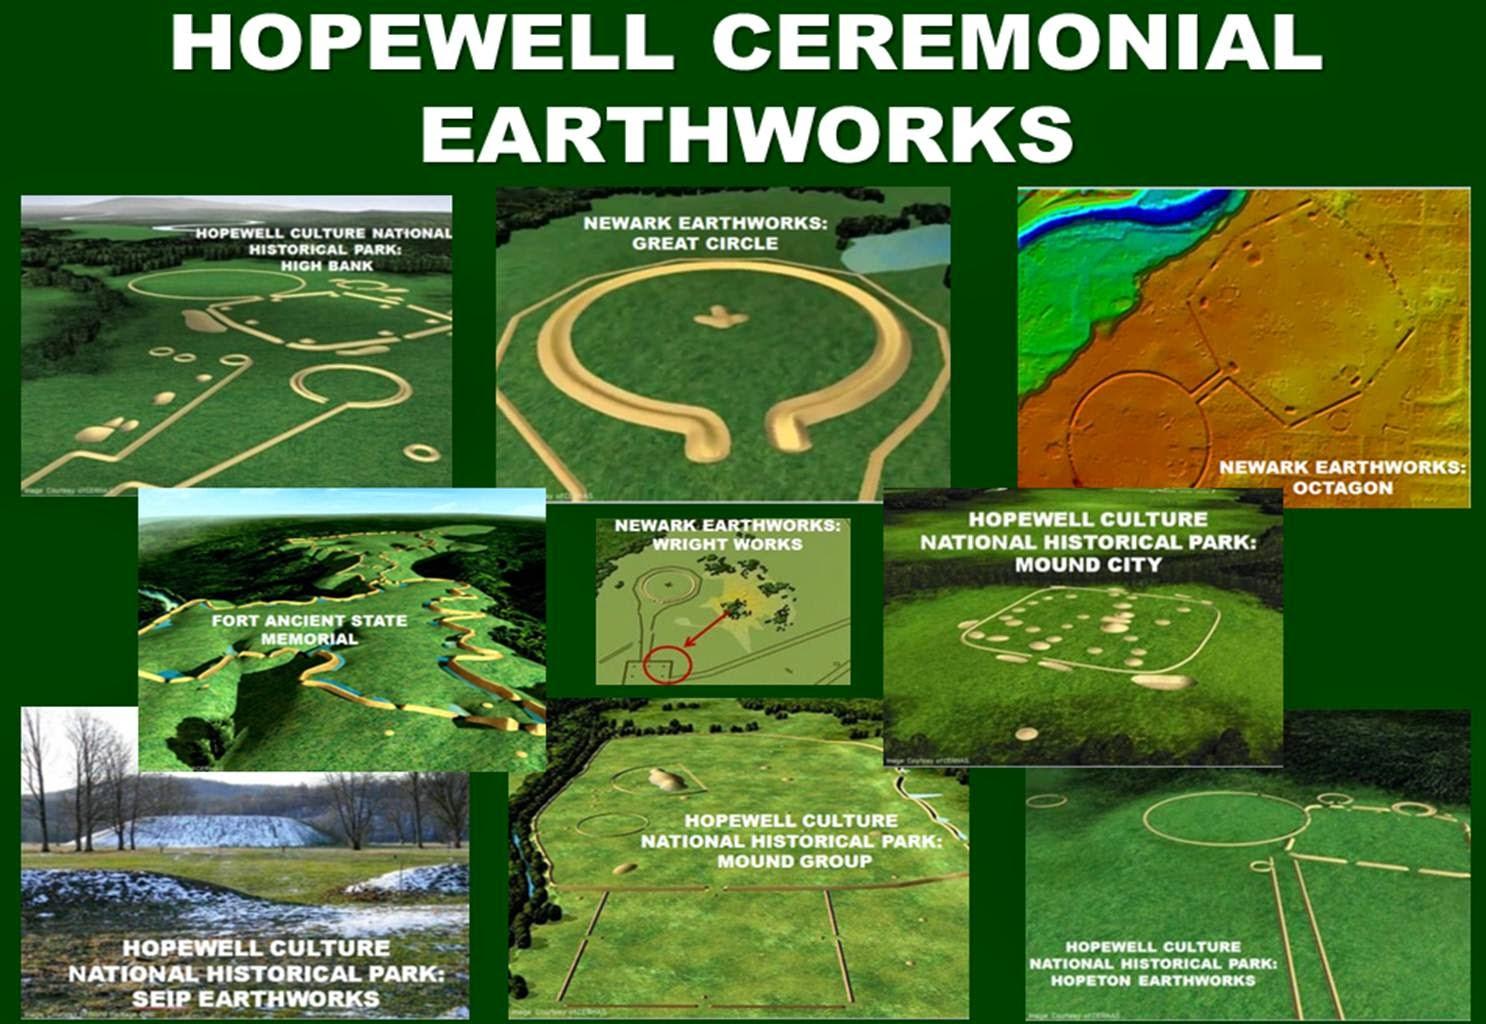 newark earthworks center s blog hopewell ceremonial earthworks